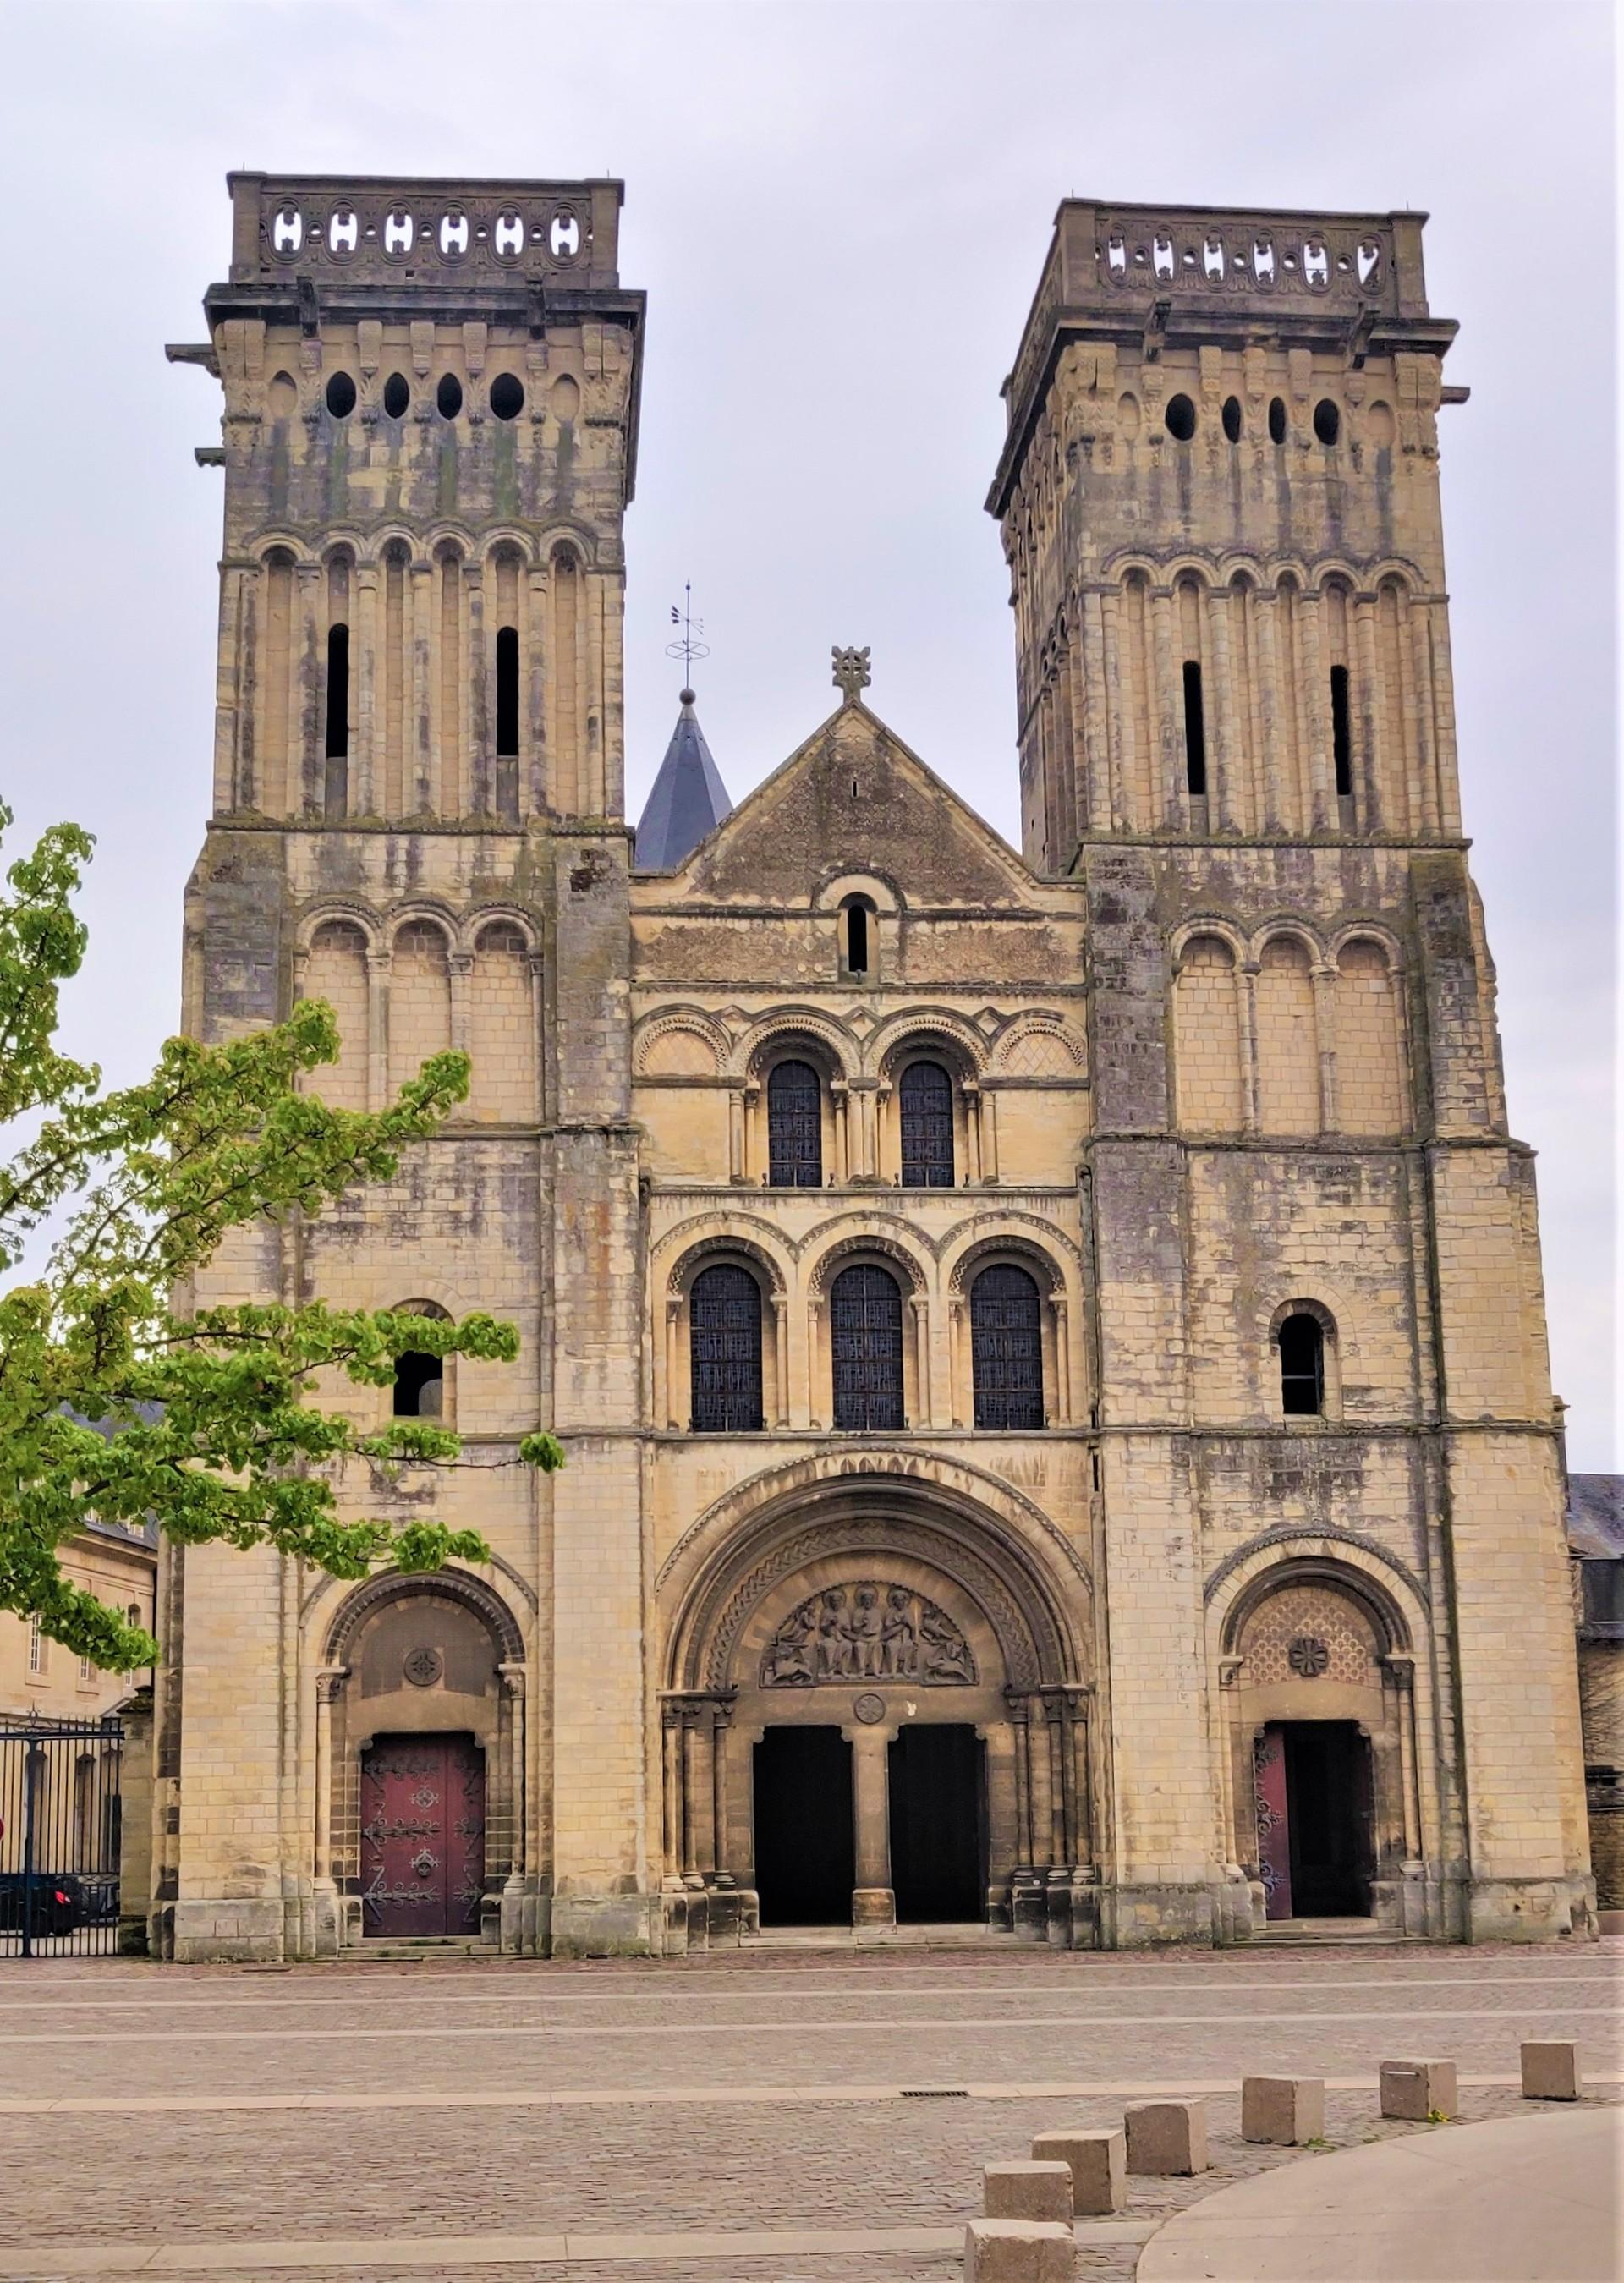 la-ville-aux-cent-clochers-9e0fab6f86d2f